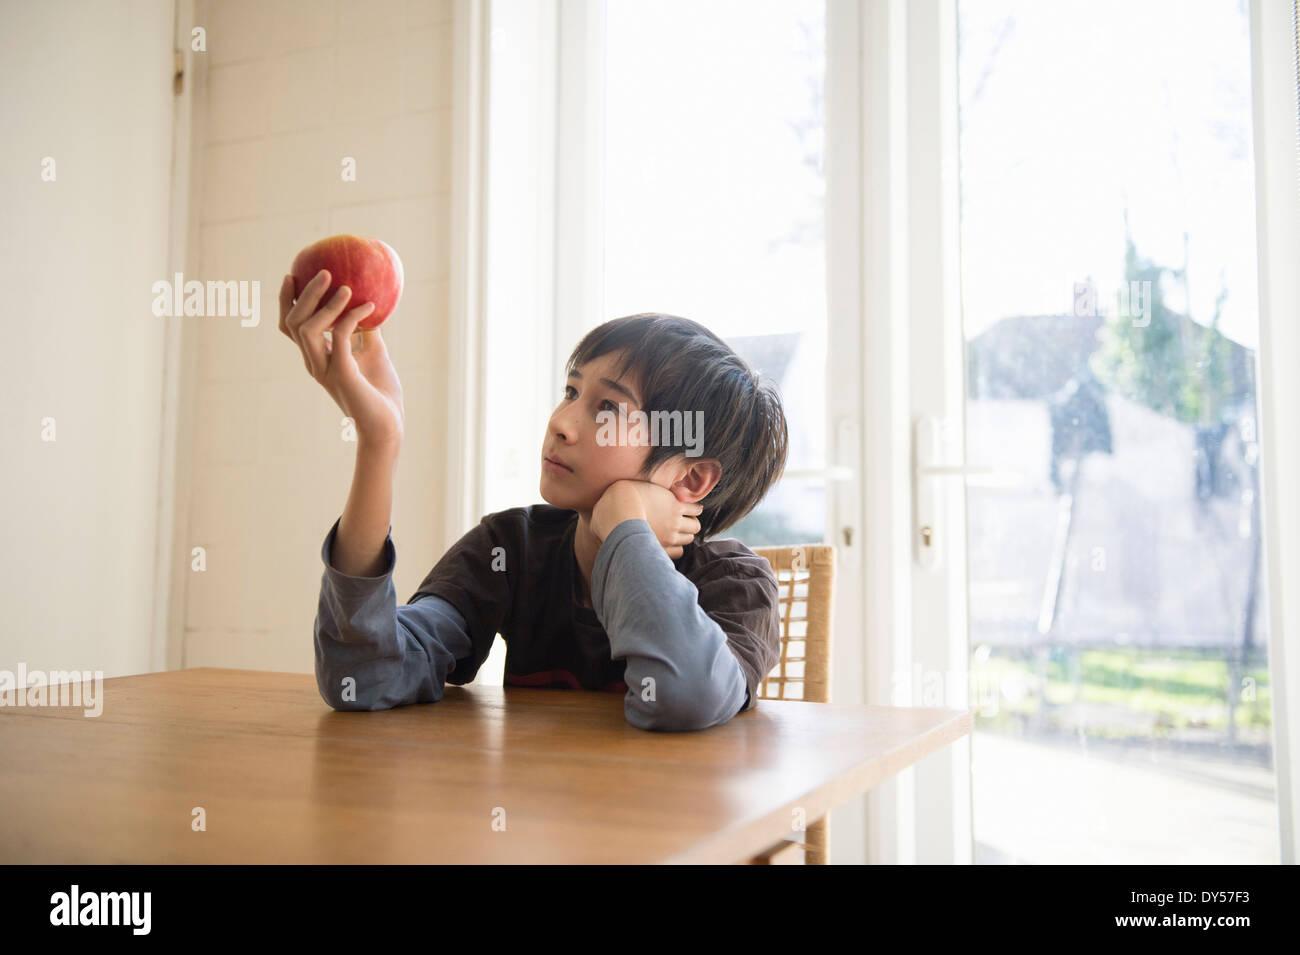 Junge sitzt am Tisch, hält einen Apfel vor ihm Stockbild